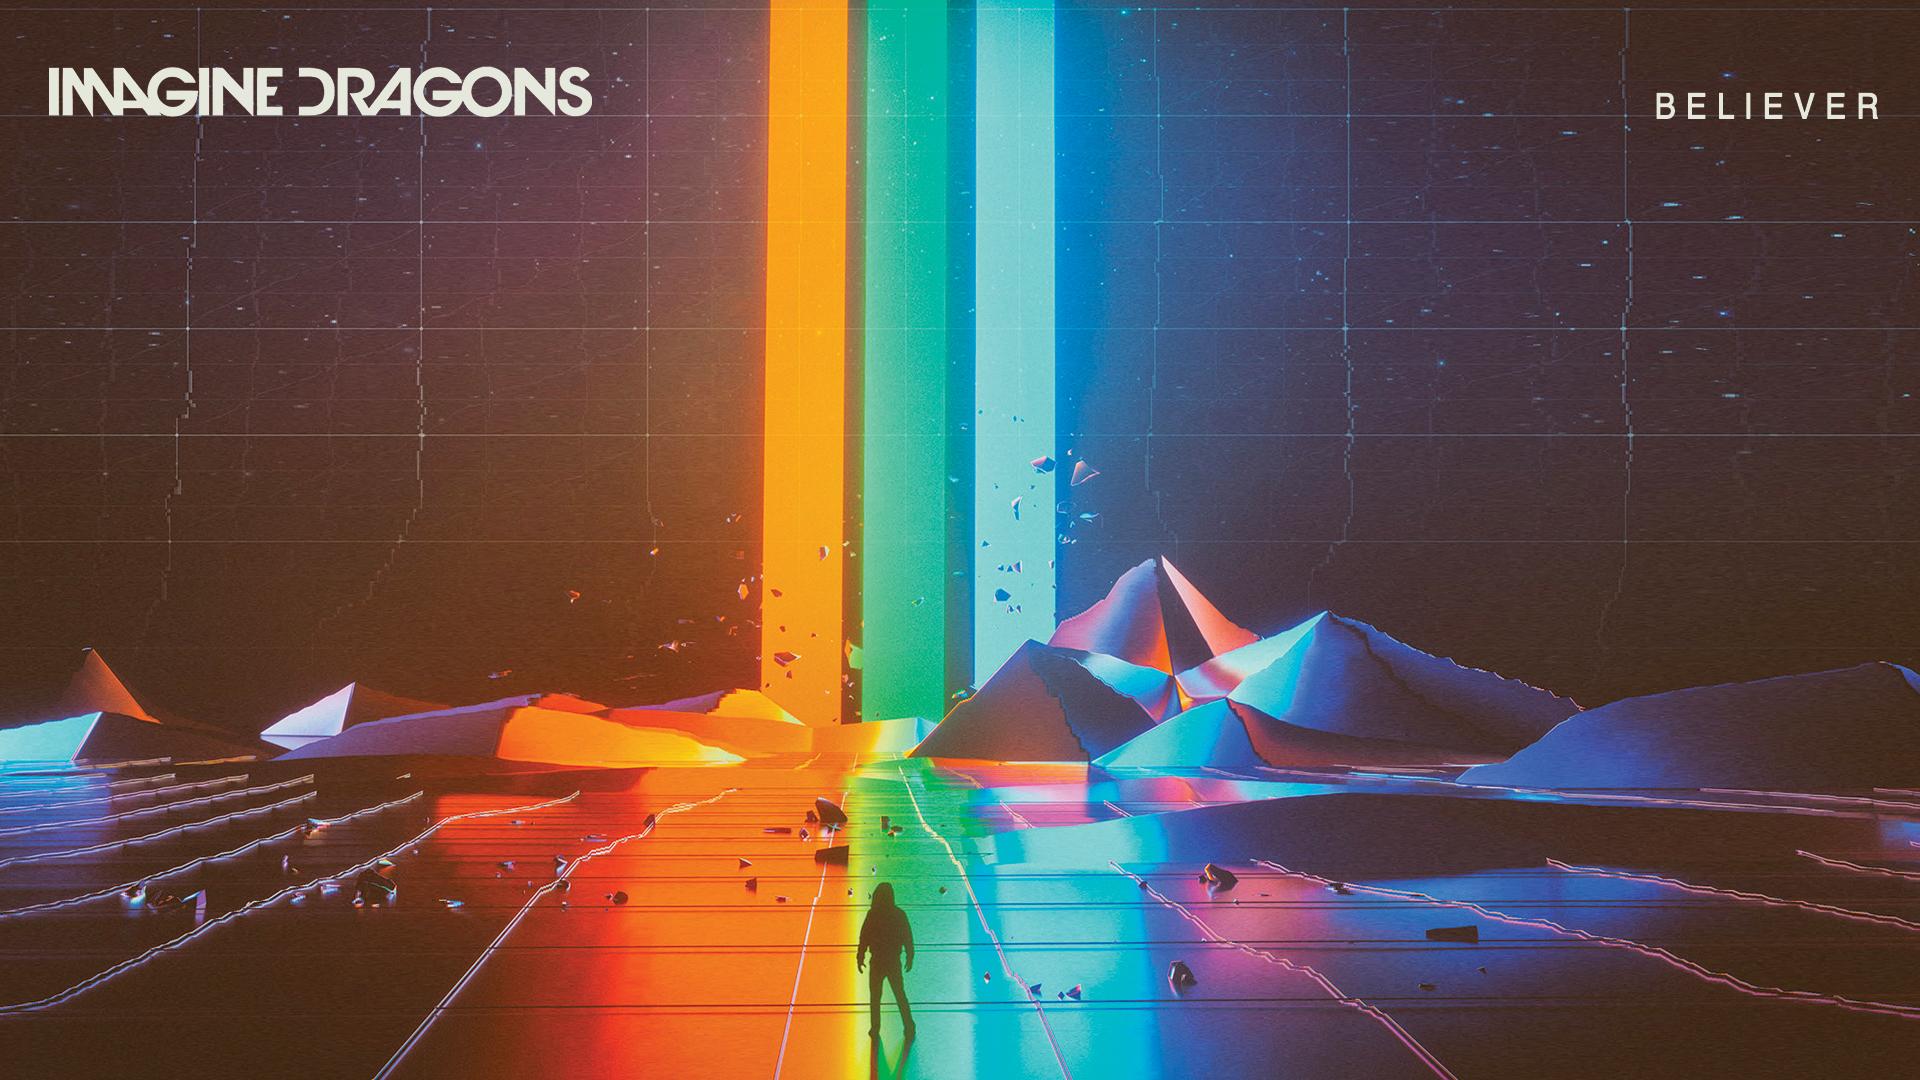 """Gli Imagine Dragons raccontano il dolore: tra filosofia e fede con la canzone """"Believer"""""""